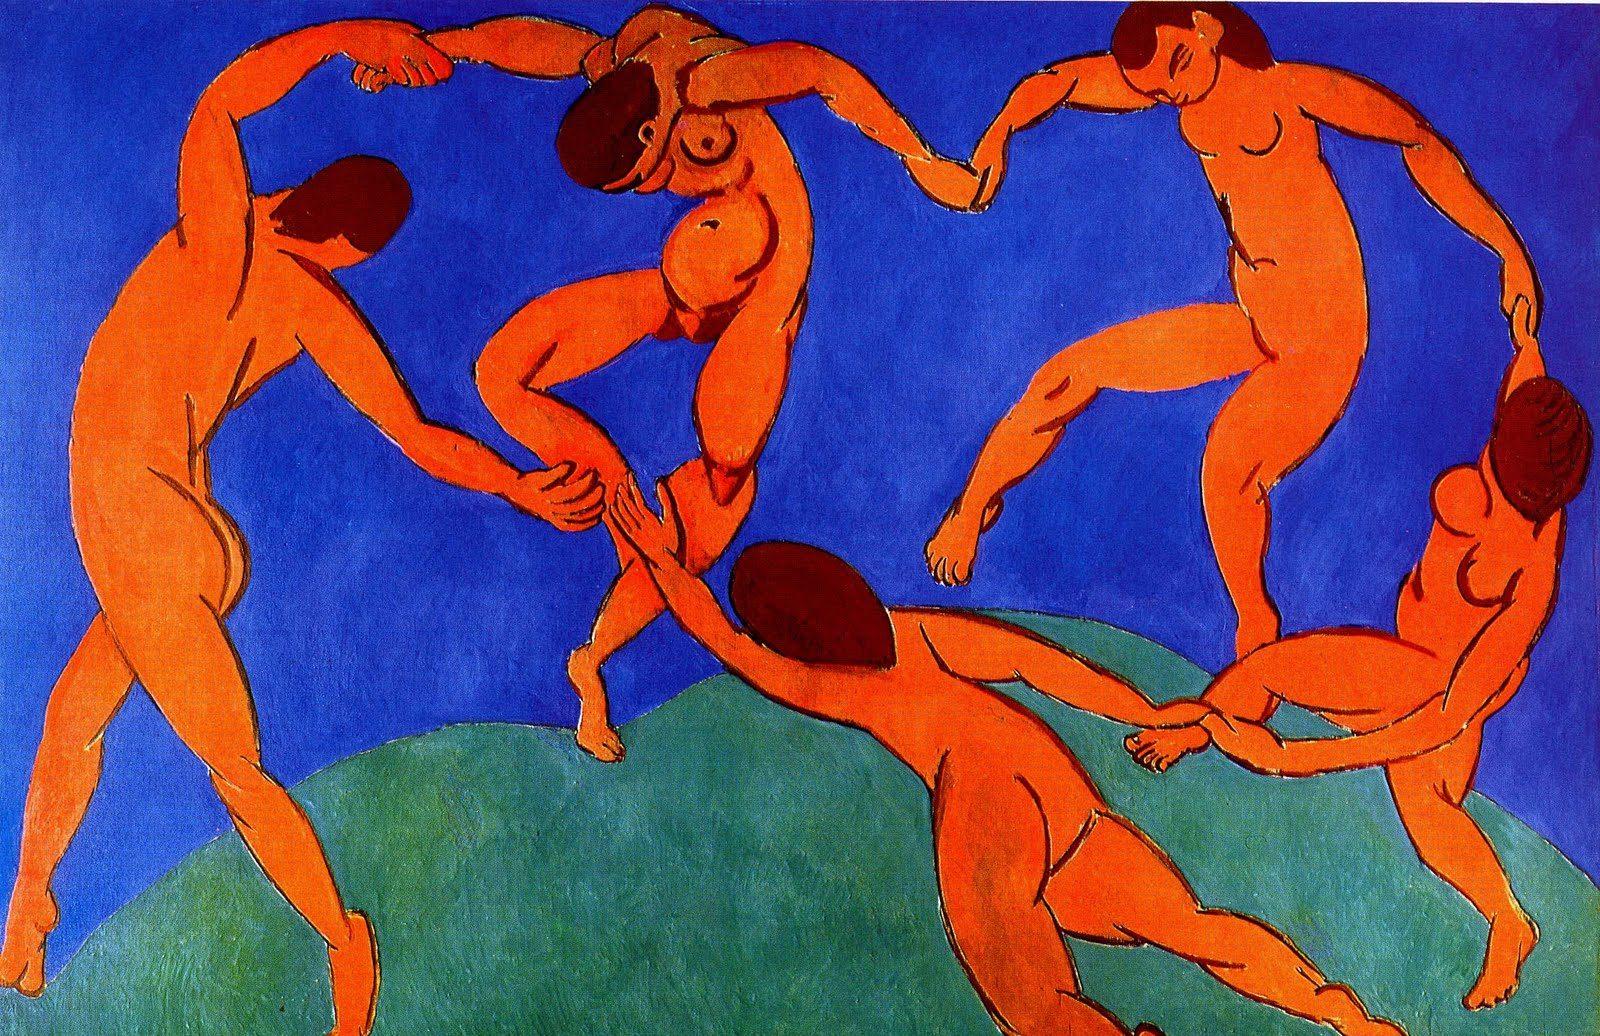 058-Dans-Dance-Matisse